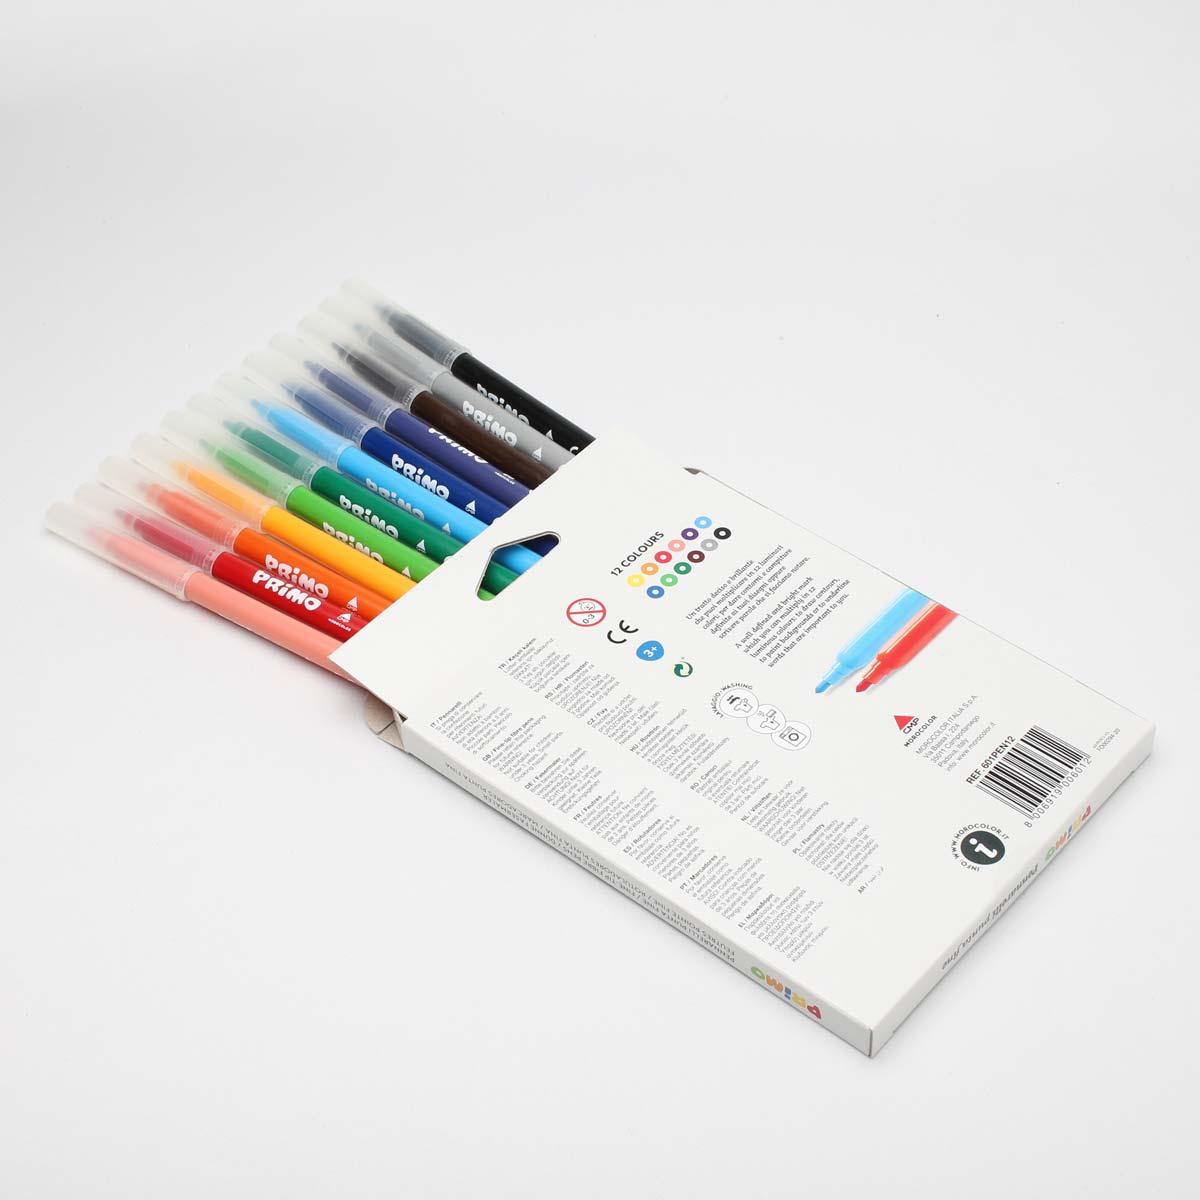 ماژیک نقاشی پریمو، جعبه مقوایی، 12 رنگ 601PEN12